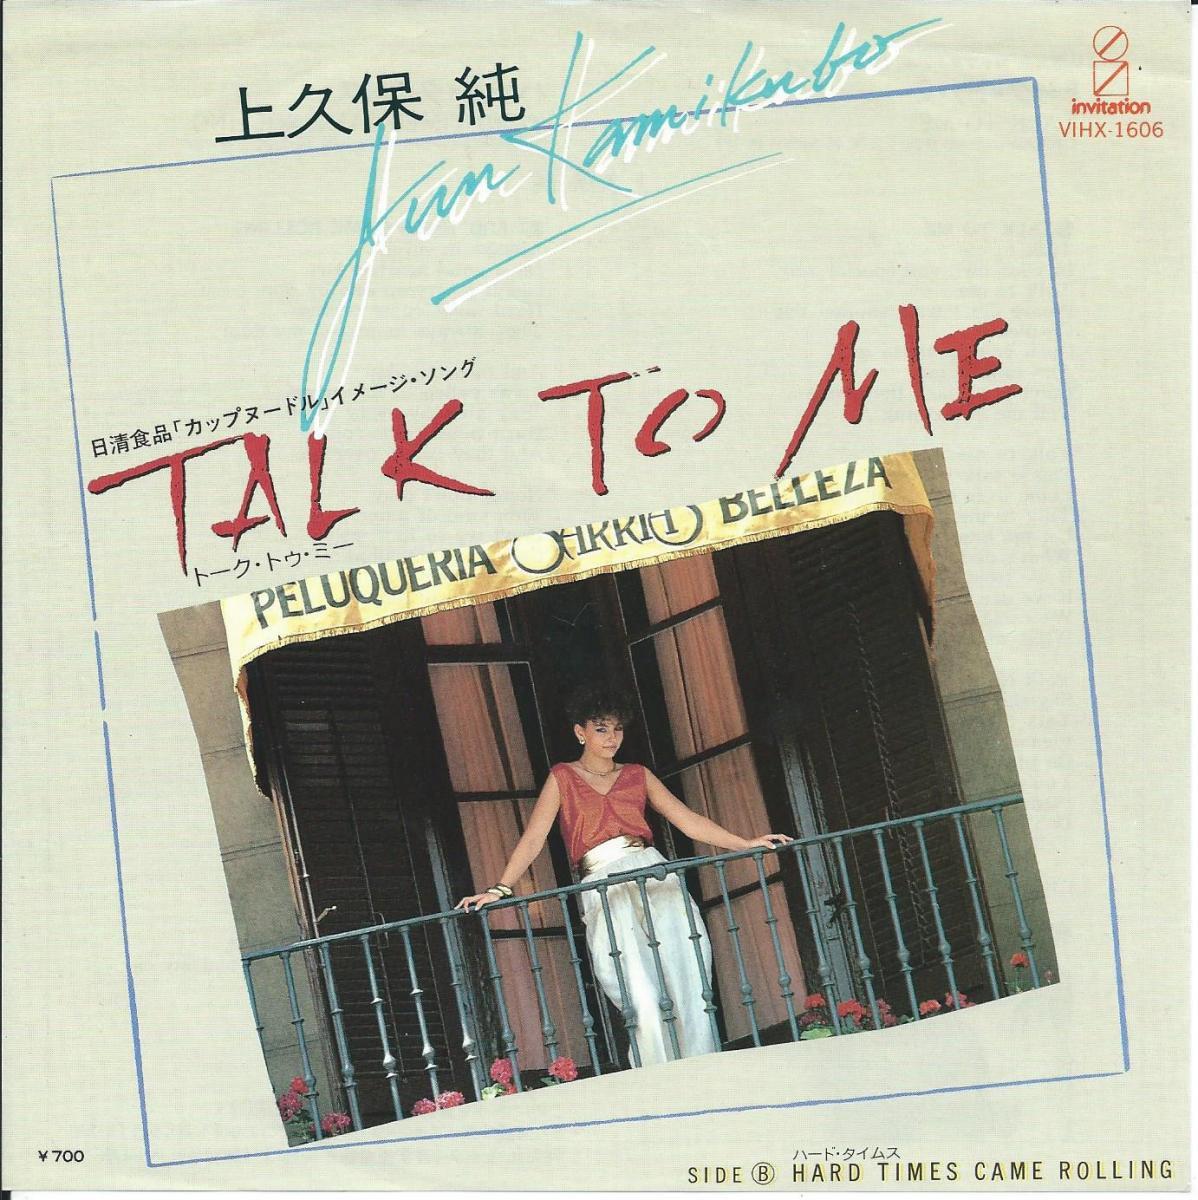 上久保純 JUN KAMIKUBO (佐藤博 / HIROSHI SATO) / トーク・トゥ・ミー TALK TO ME (7